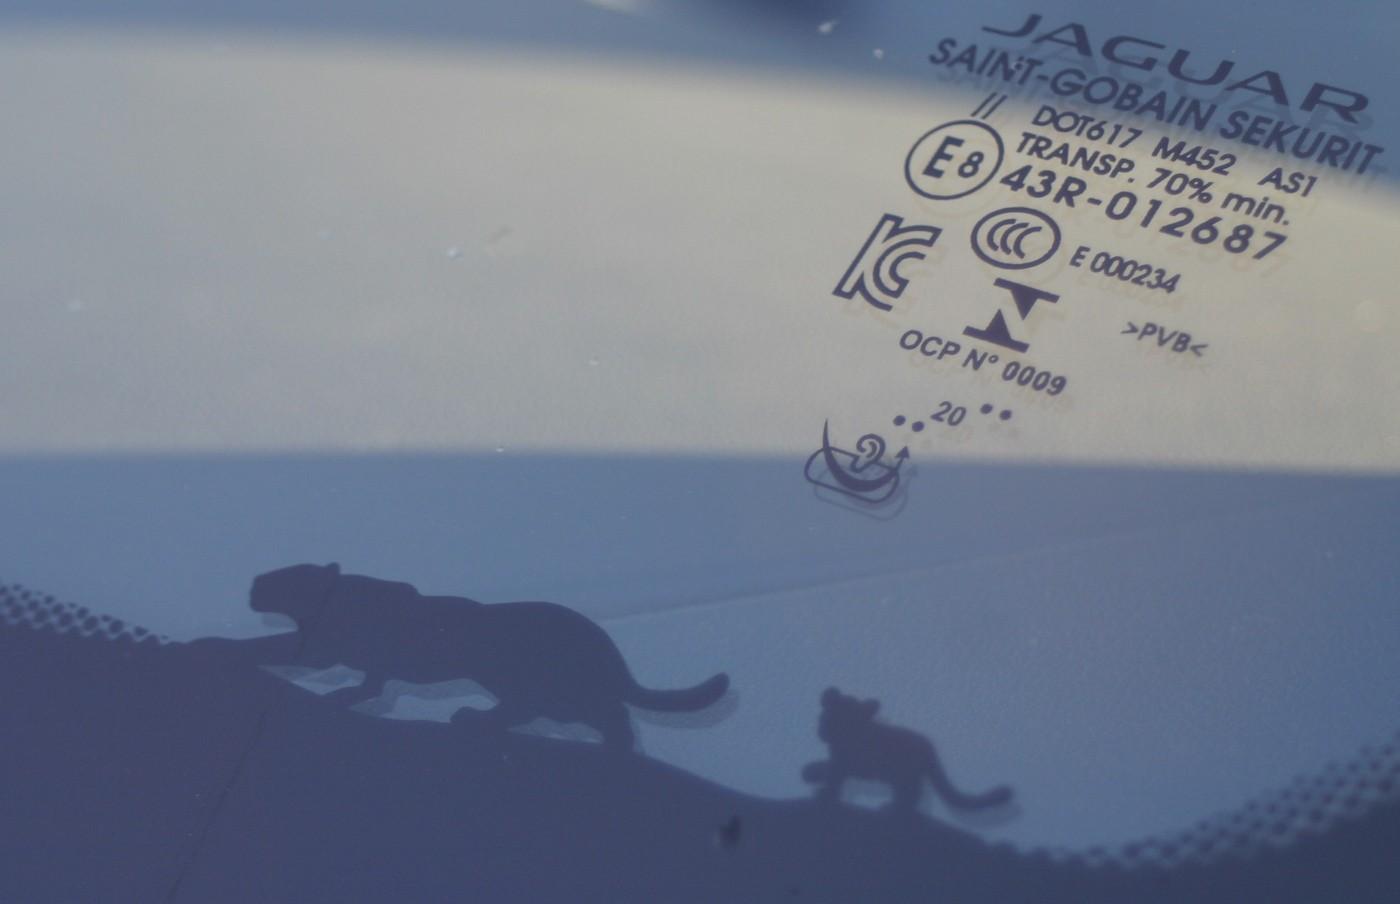 Jaguar E-PACE R-Dynamic S P250 windscreen detail